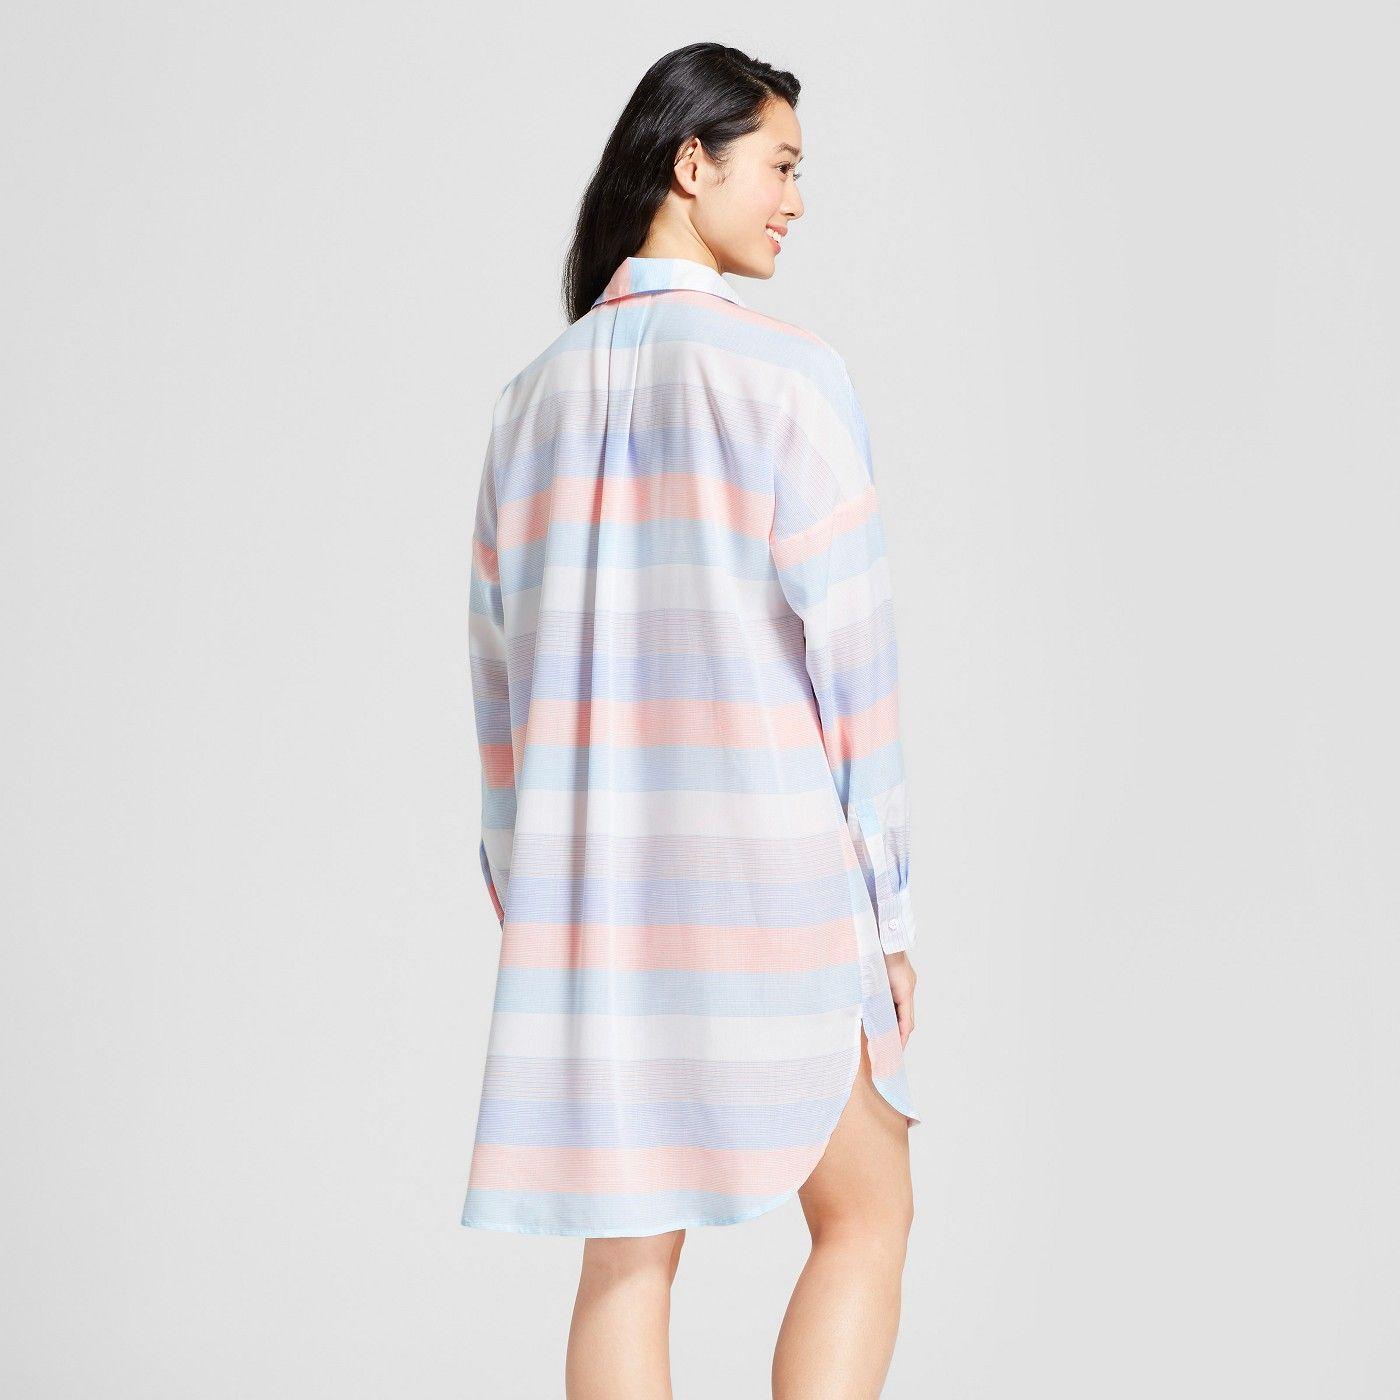 """c6d32a8448 Camisa de dormir TENCEL para mujer - Gilligan   O Malley â""""¢"""